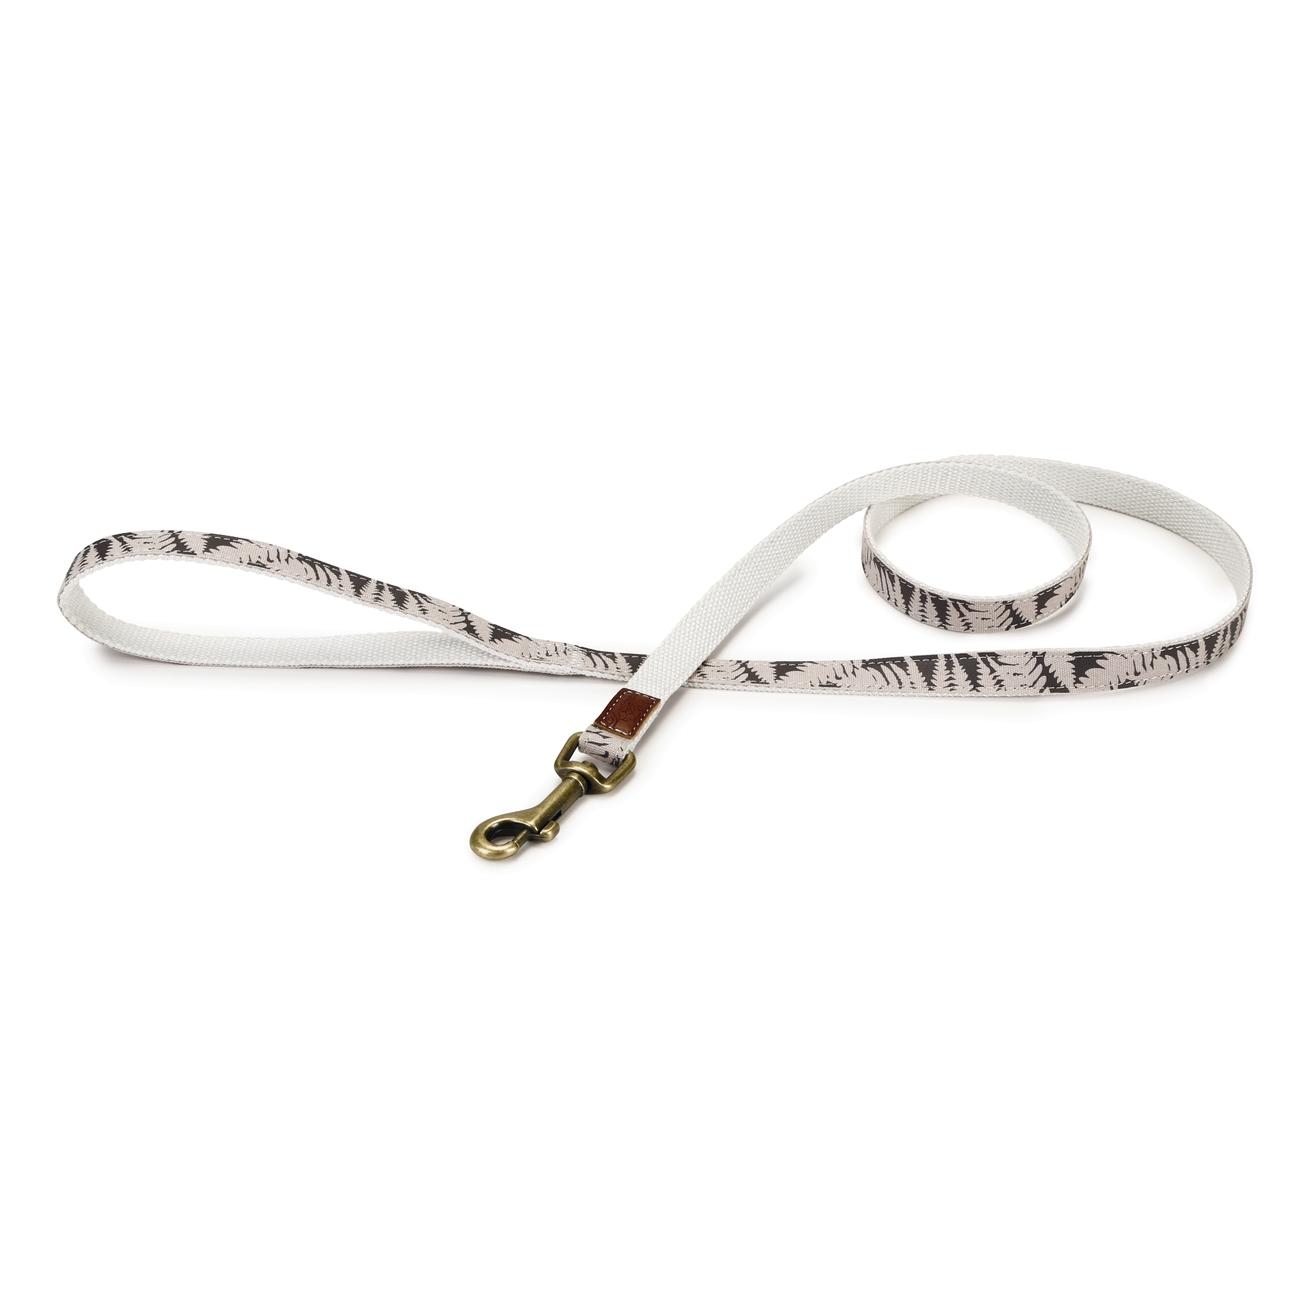 Designed By Lotte - Oribo Halsband oder Leine aus Nylon, Bild 6